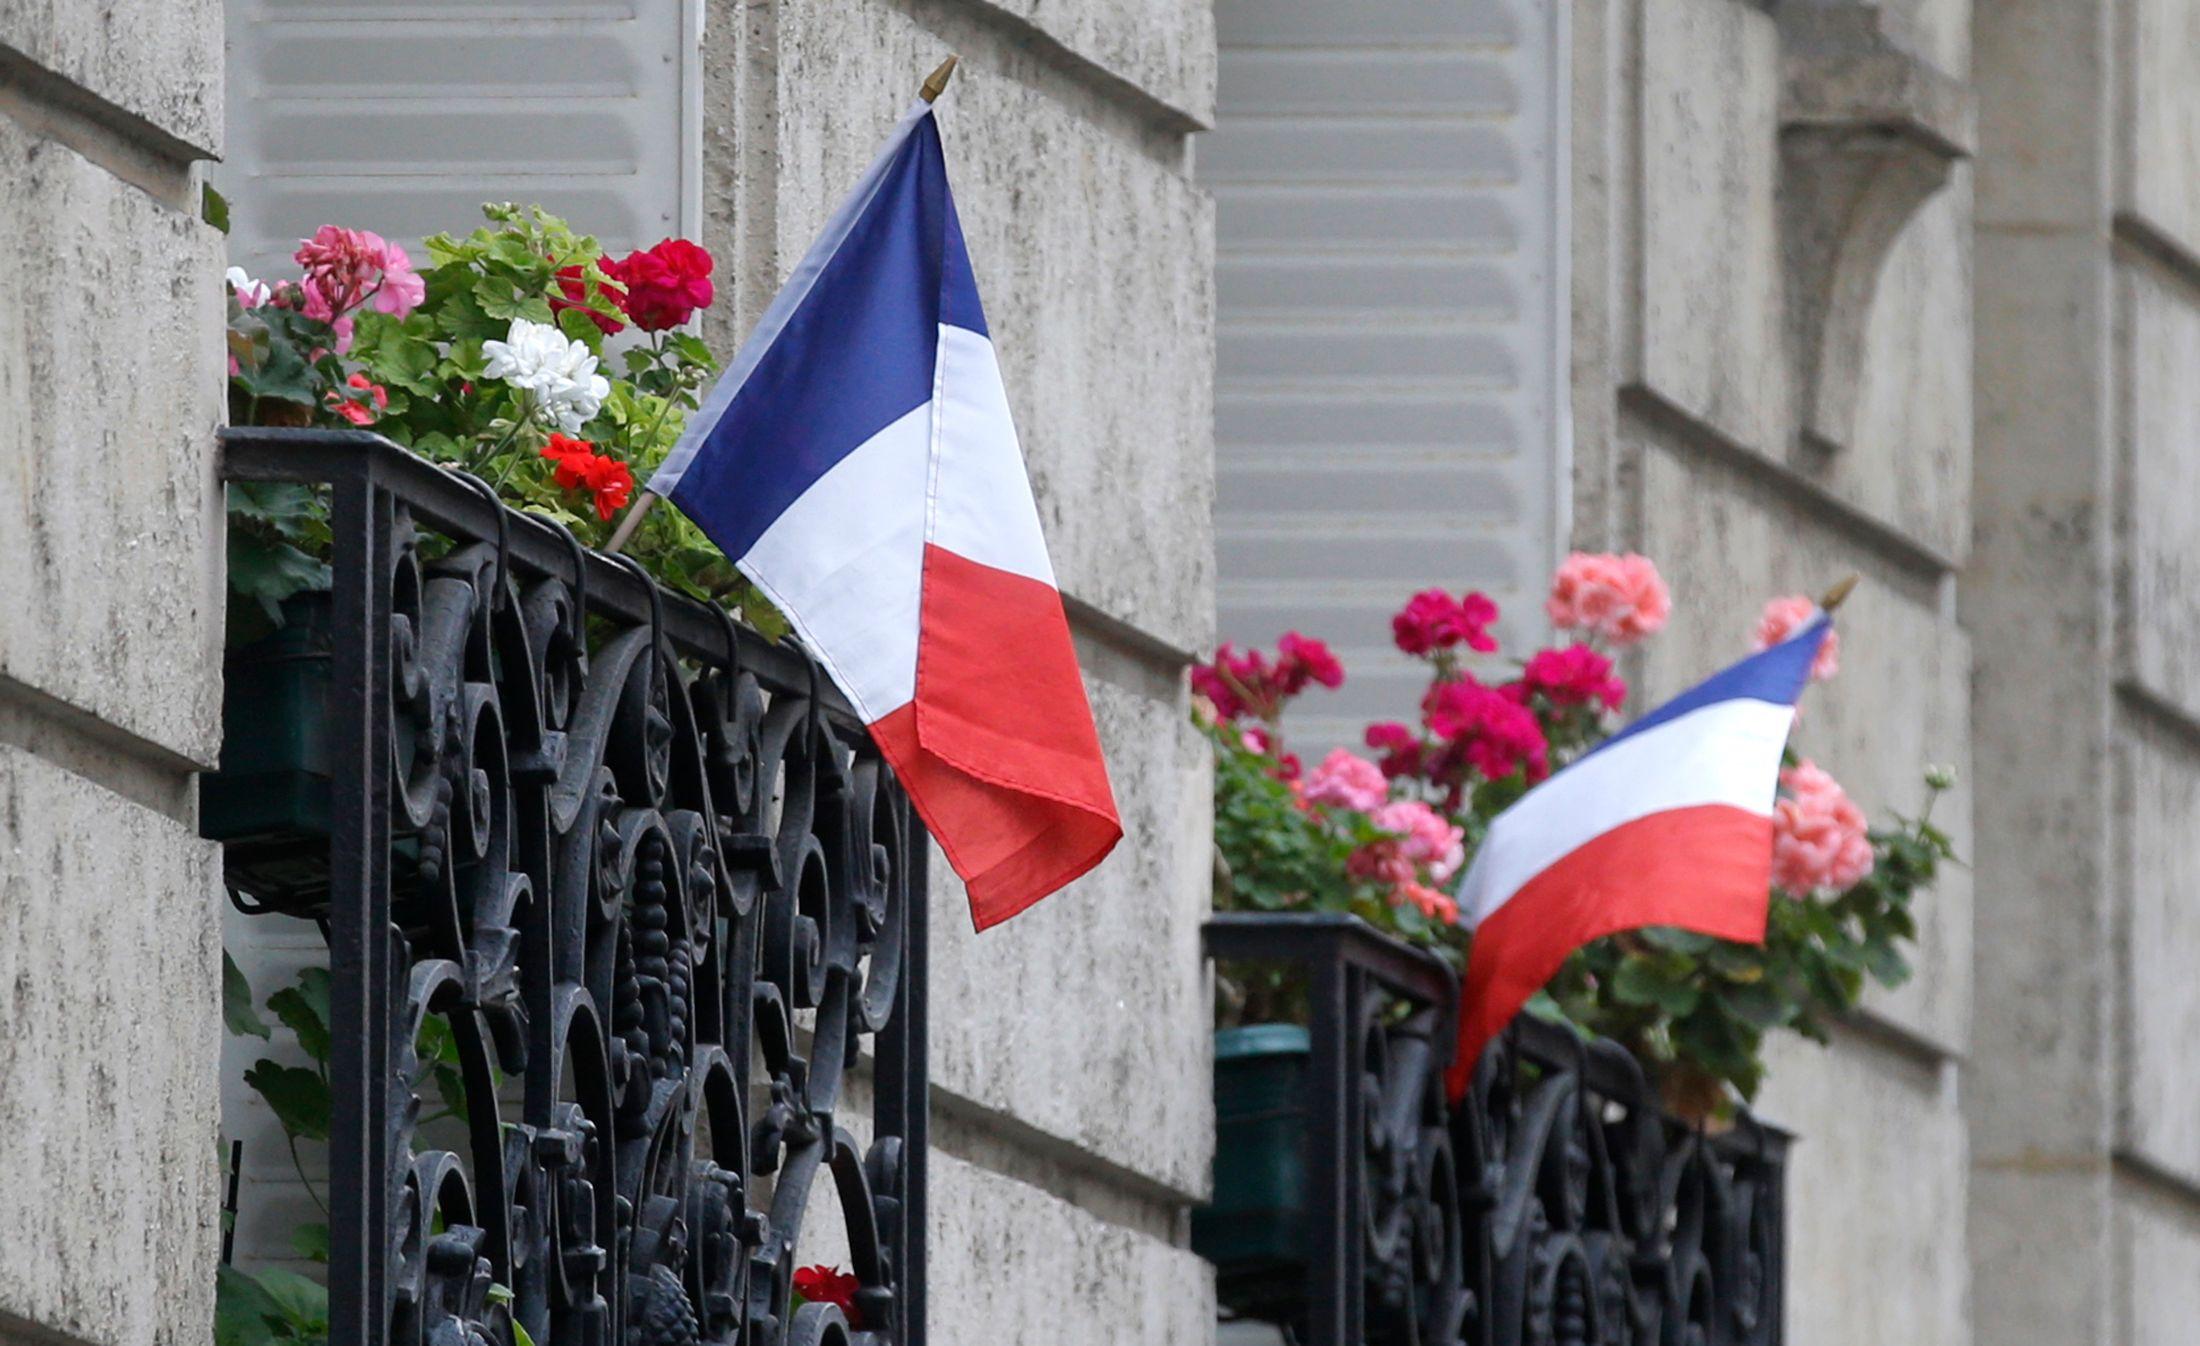 Une France en colère : c'est ce que révèle l'affaire du drapeau français de Cagnes-sur-mer